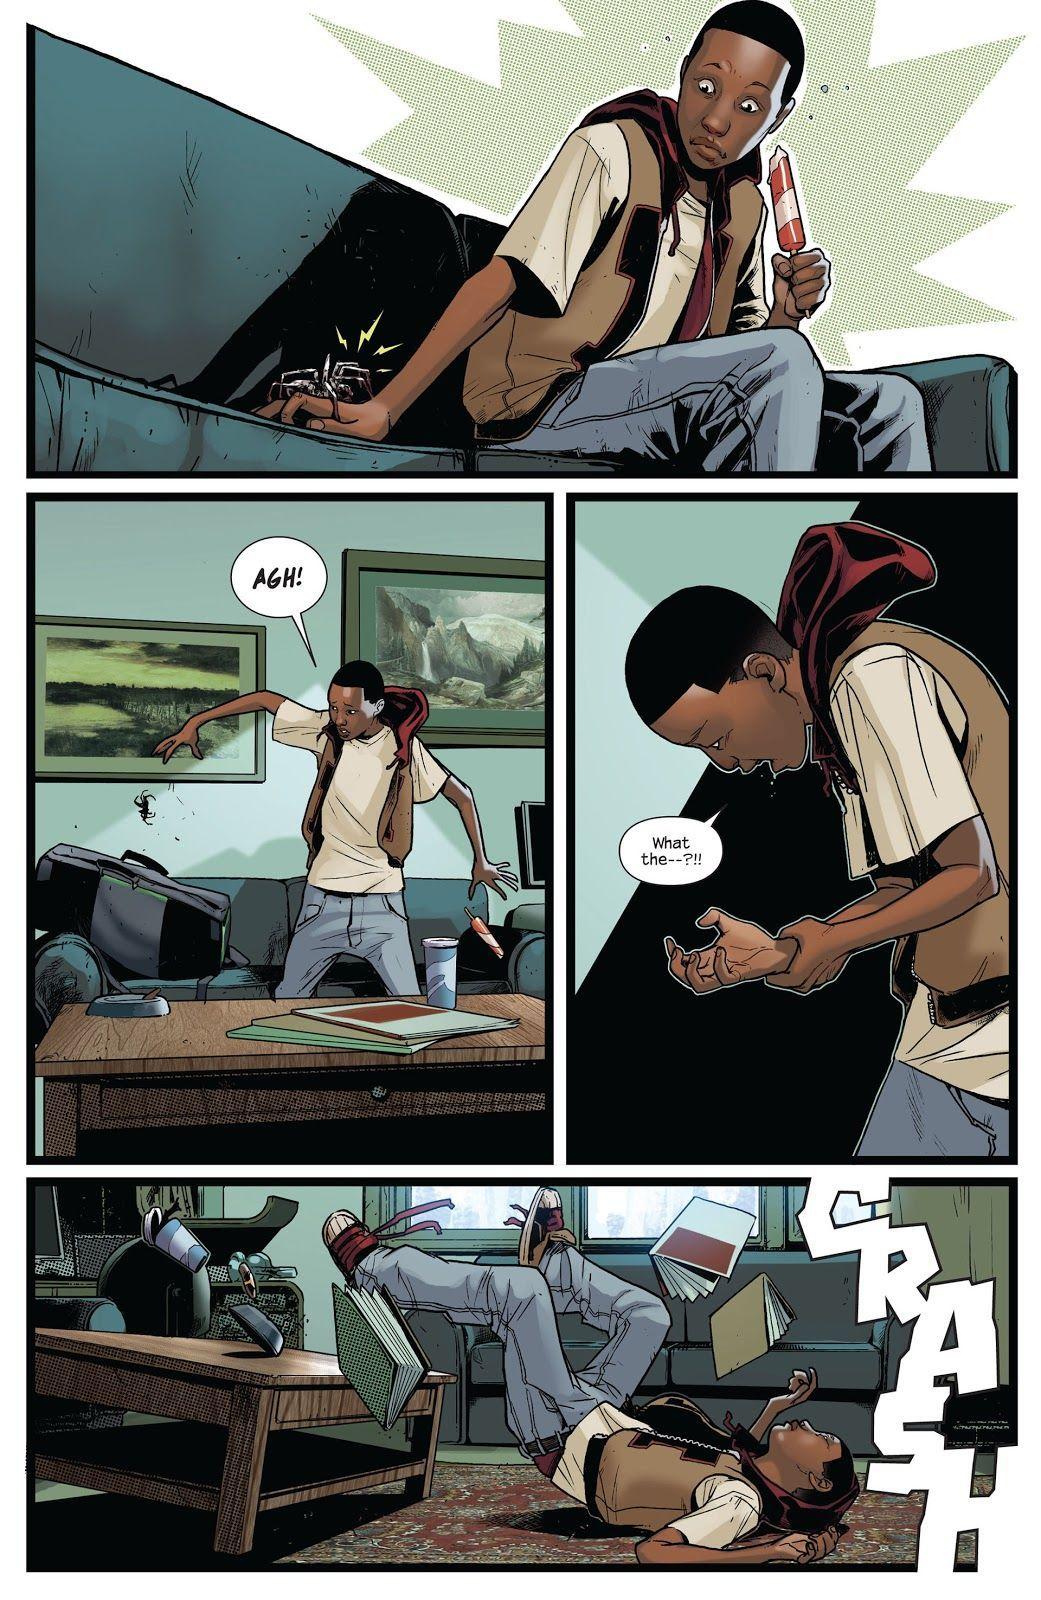 All New Spider-Man #1 (Writer Brian Michael Bendis, Artist Sara Pichelli)